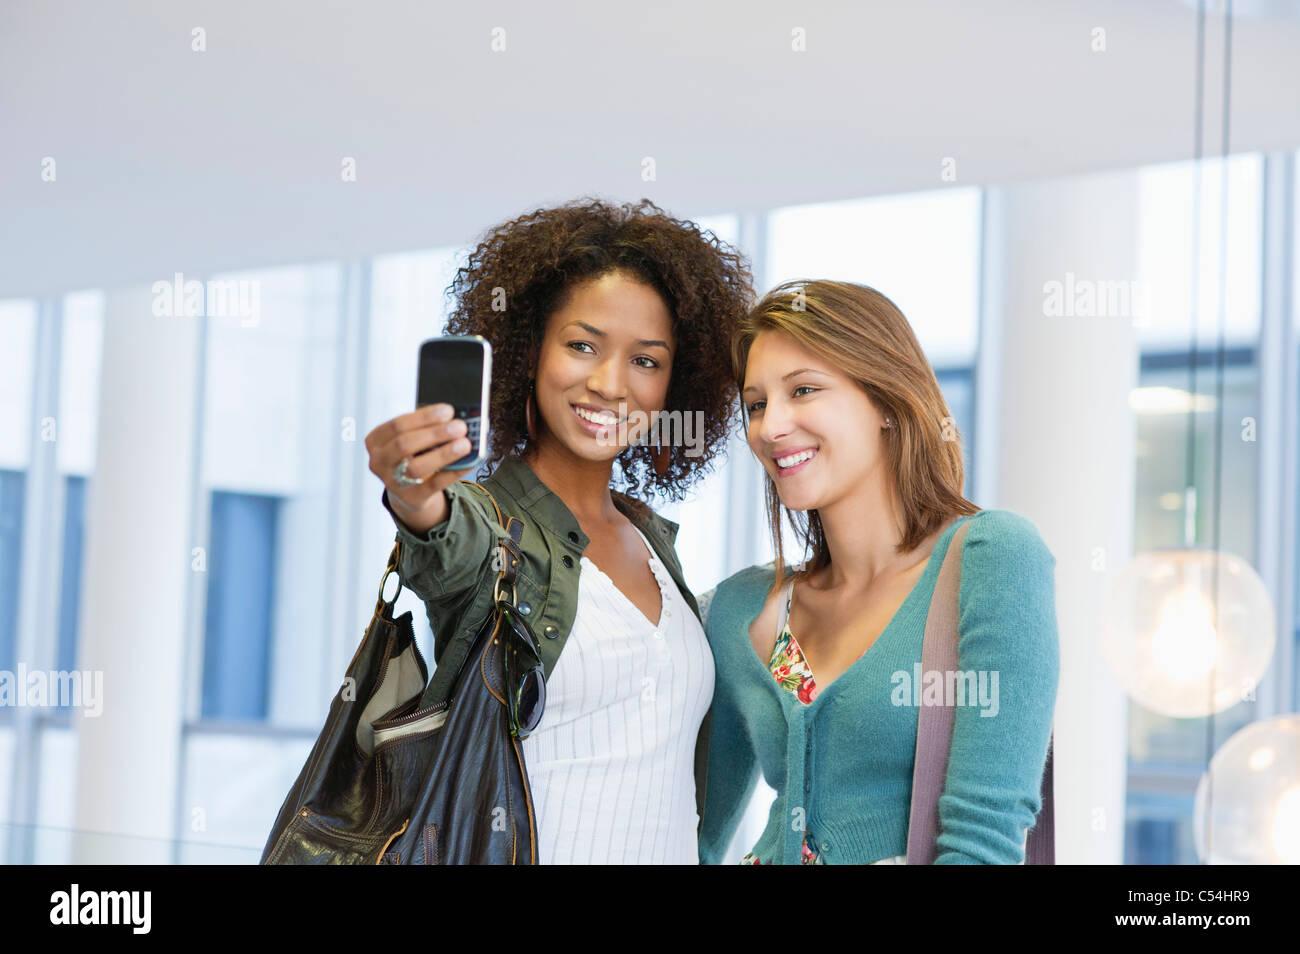 Dos mujeres tomando fotos de ellos mismos Imagen De Stock